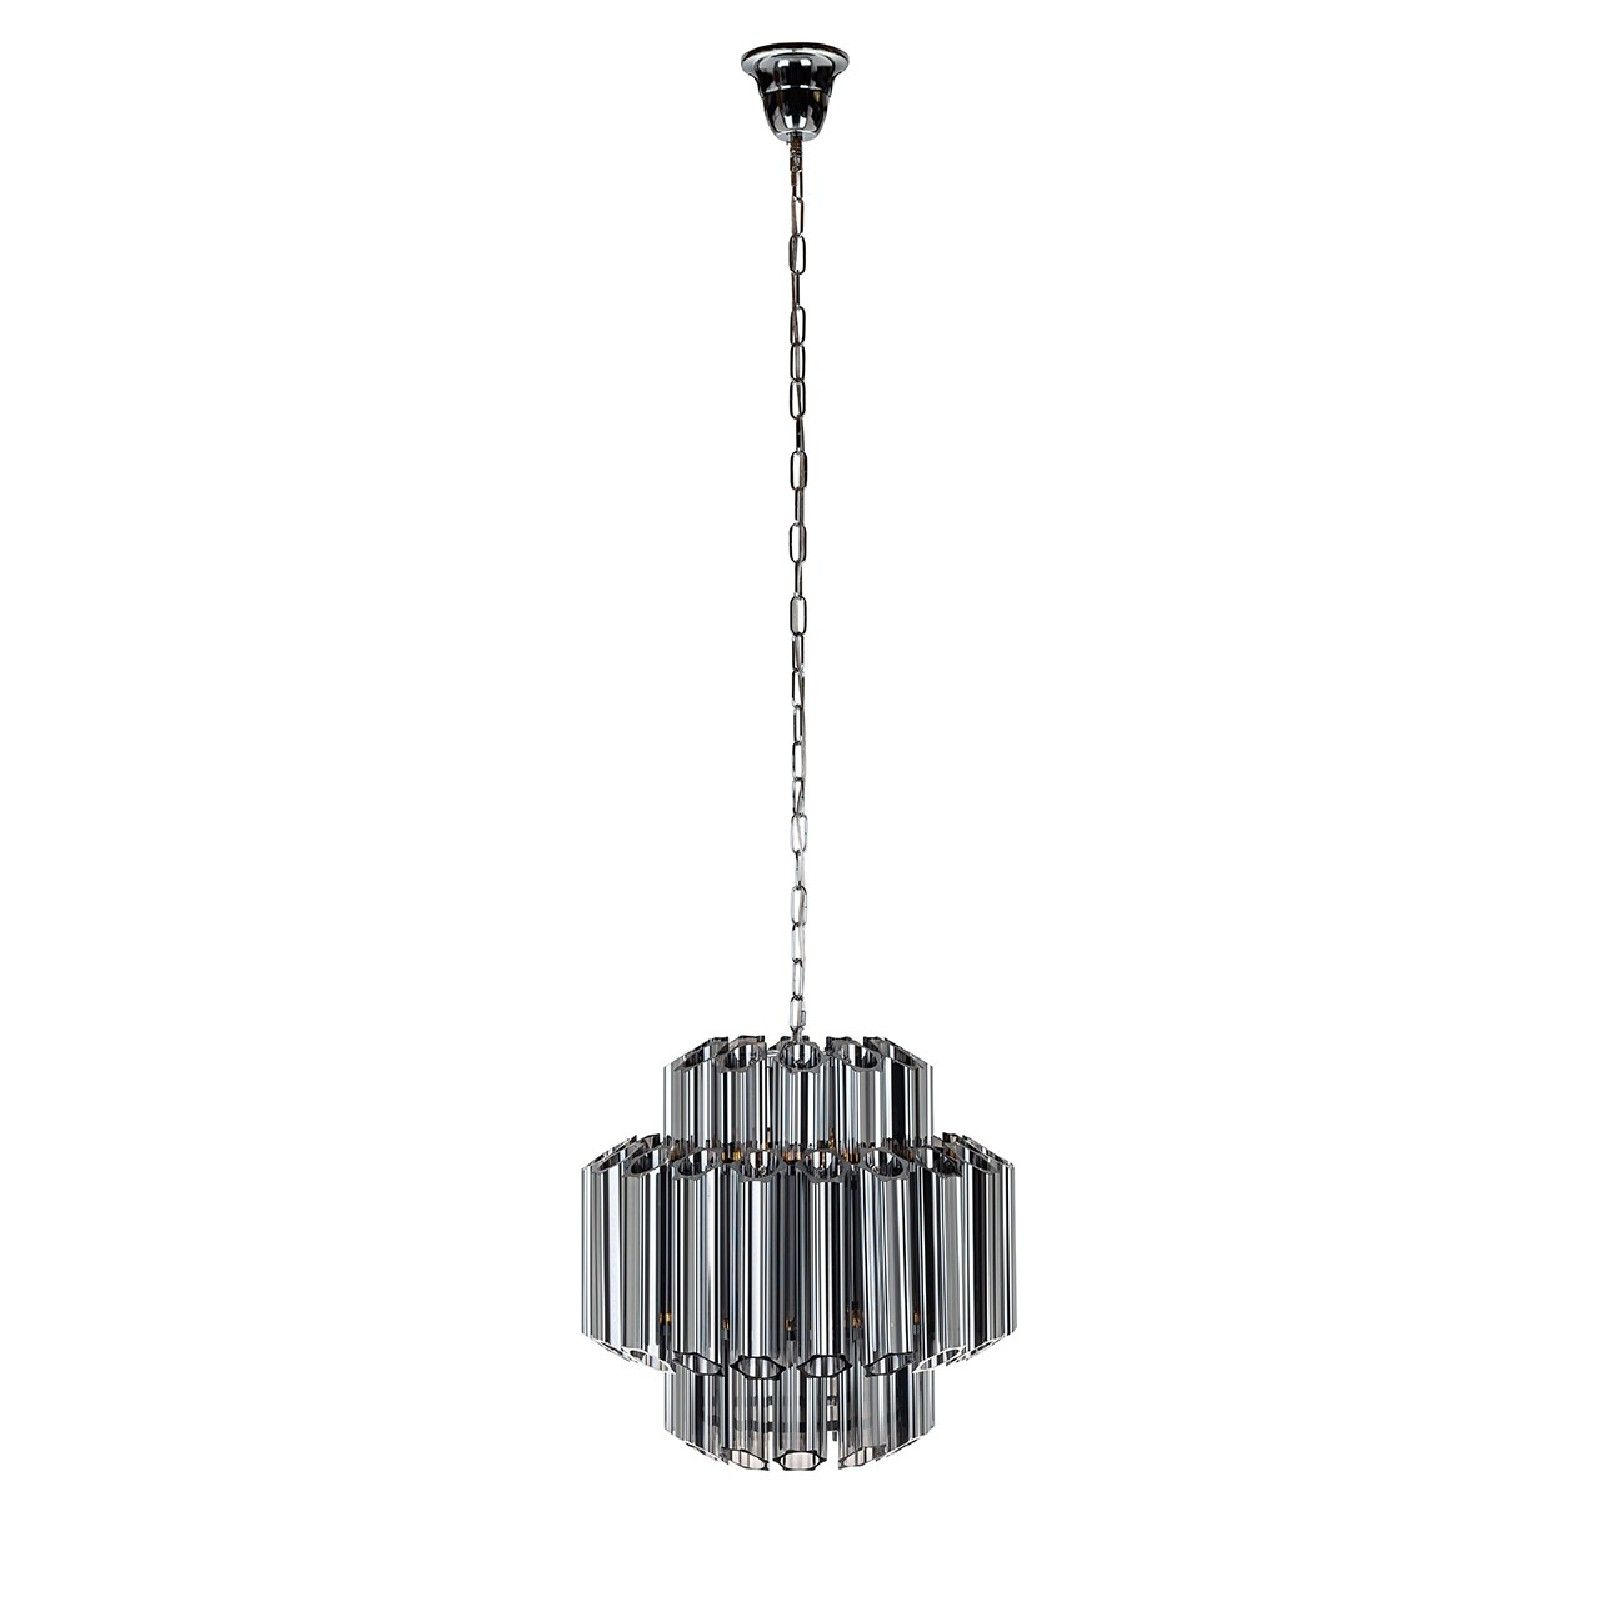 Lampe suspendue Yale smallE14 / 25 watts (6 pieces) Suspensions et plafonniers - 11